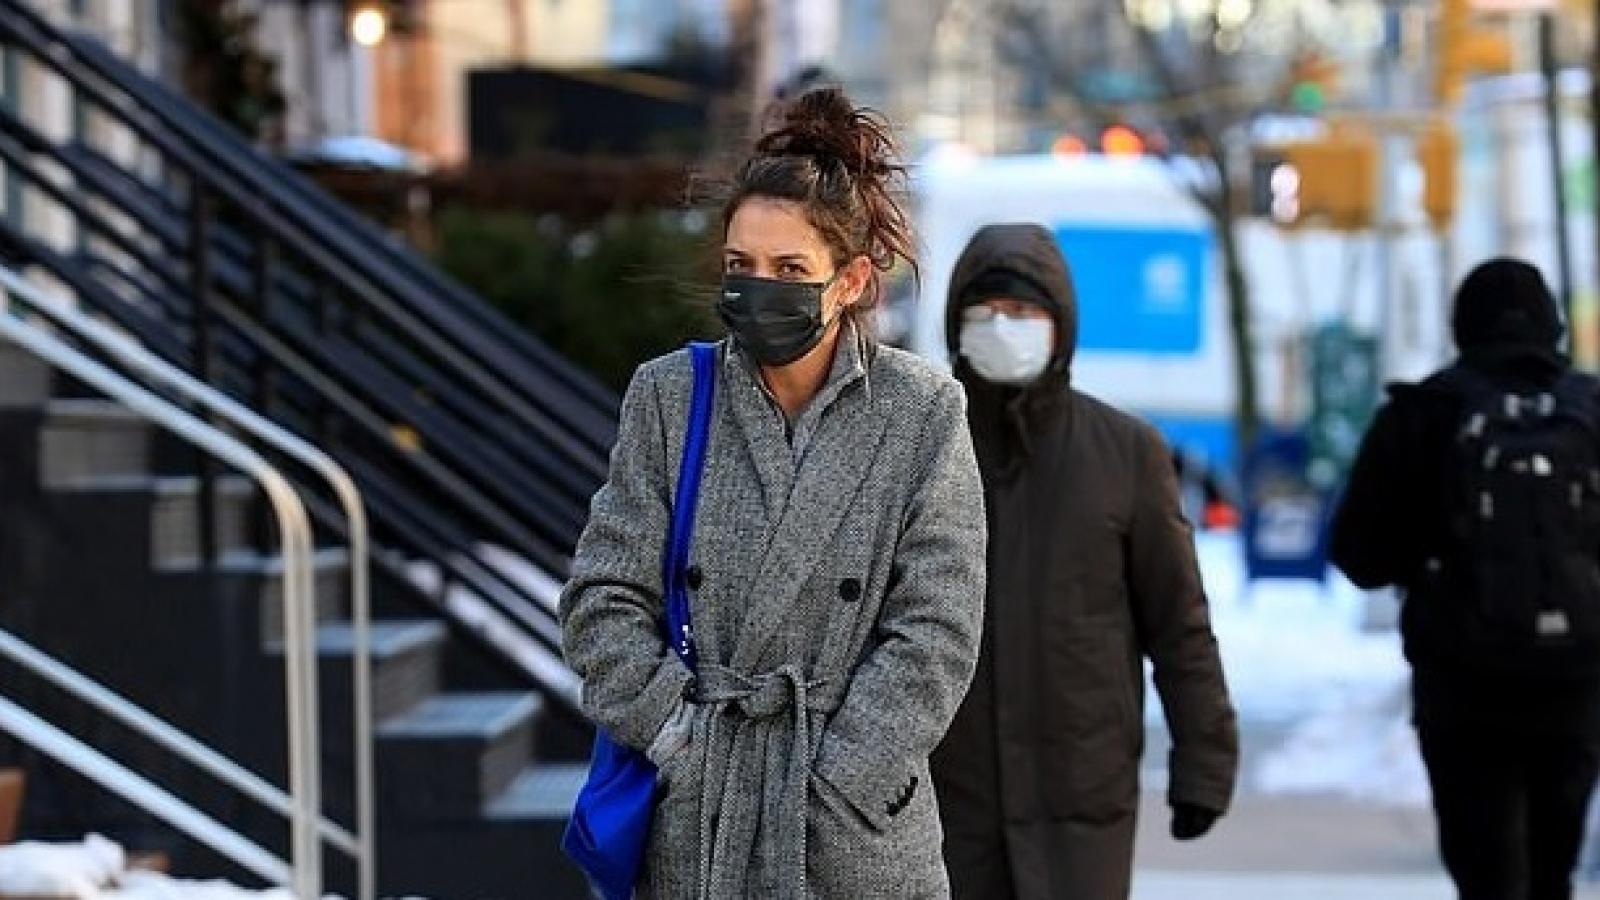 Katie Holmes luộm thuộm ra phố trong tiết trời giá lạnh